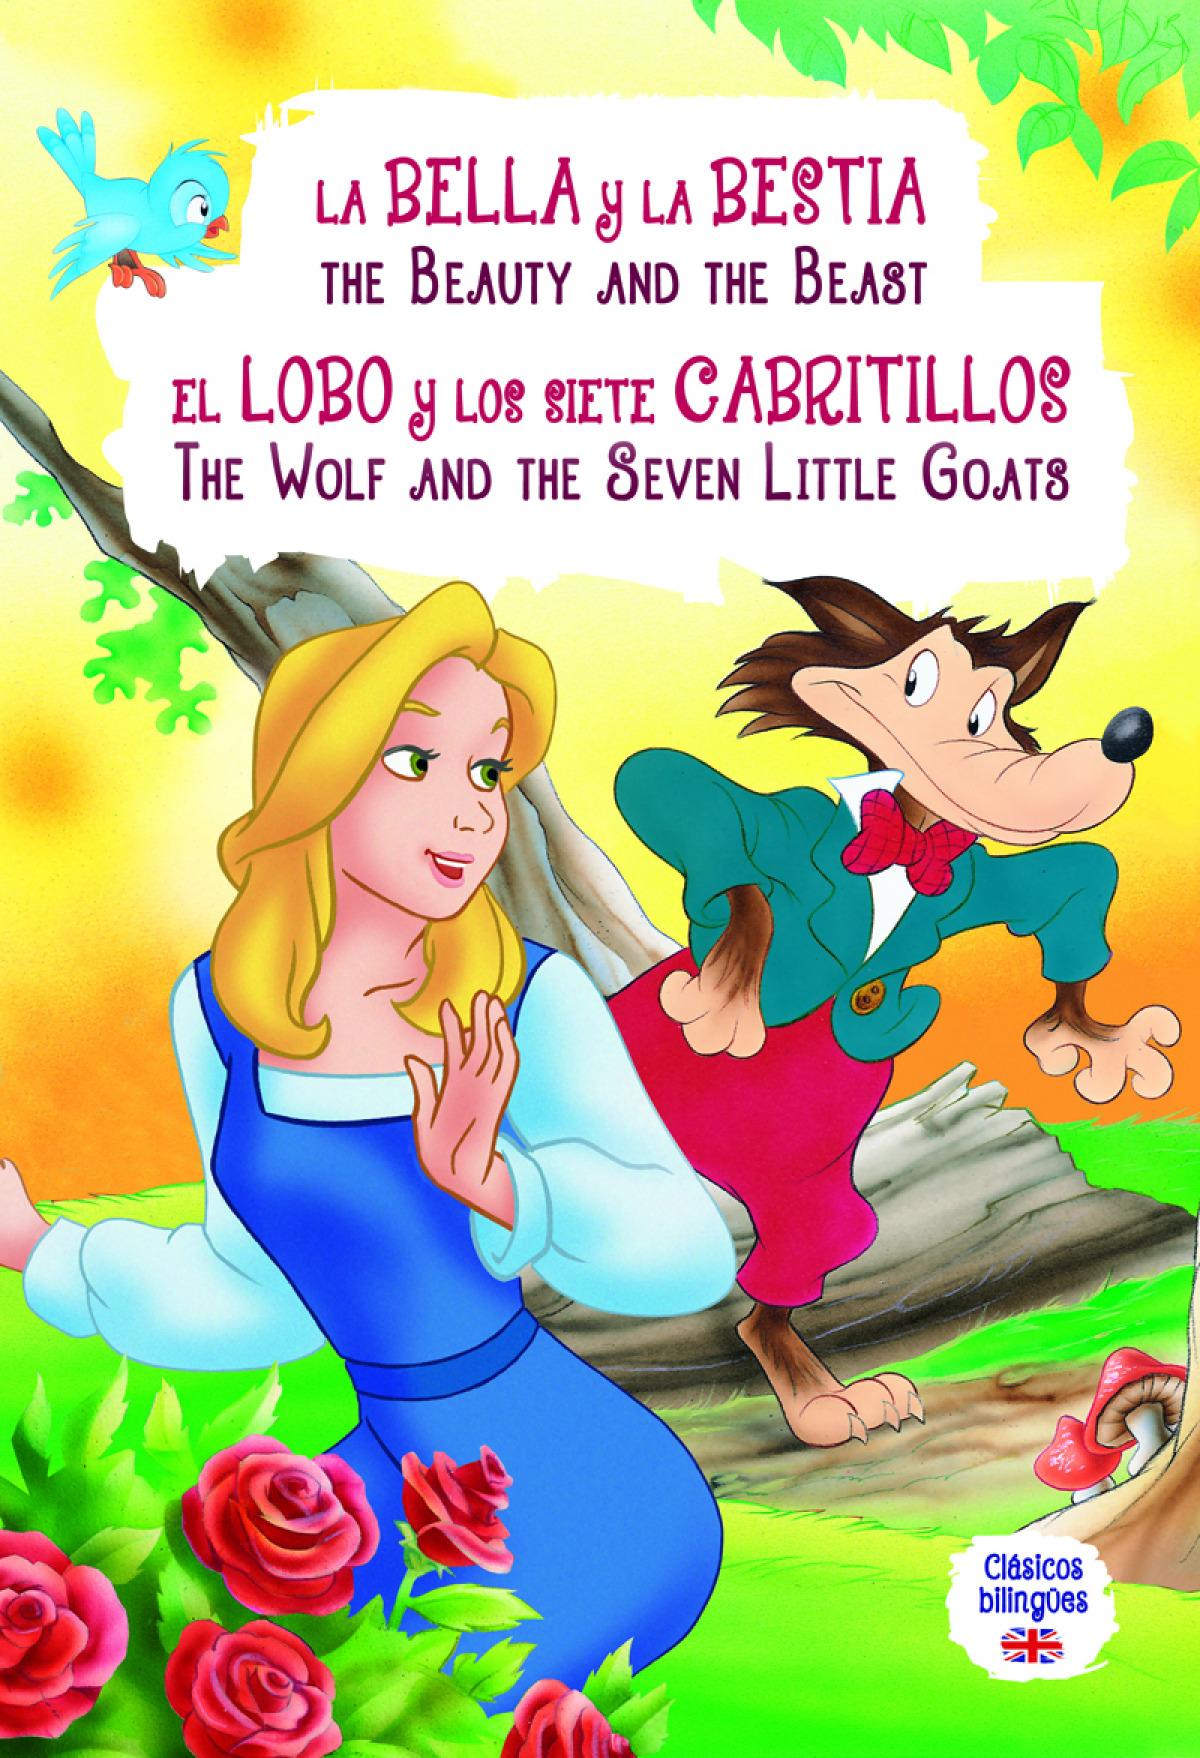 La Bella y la Bestia - El Lobo y los Siete Cabritillos